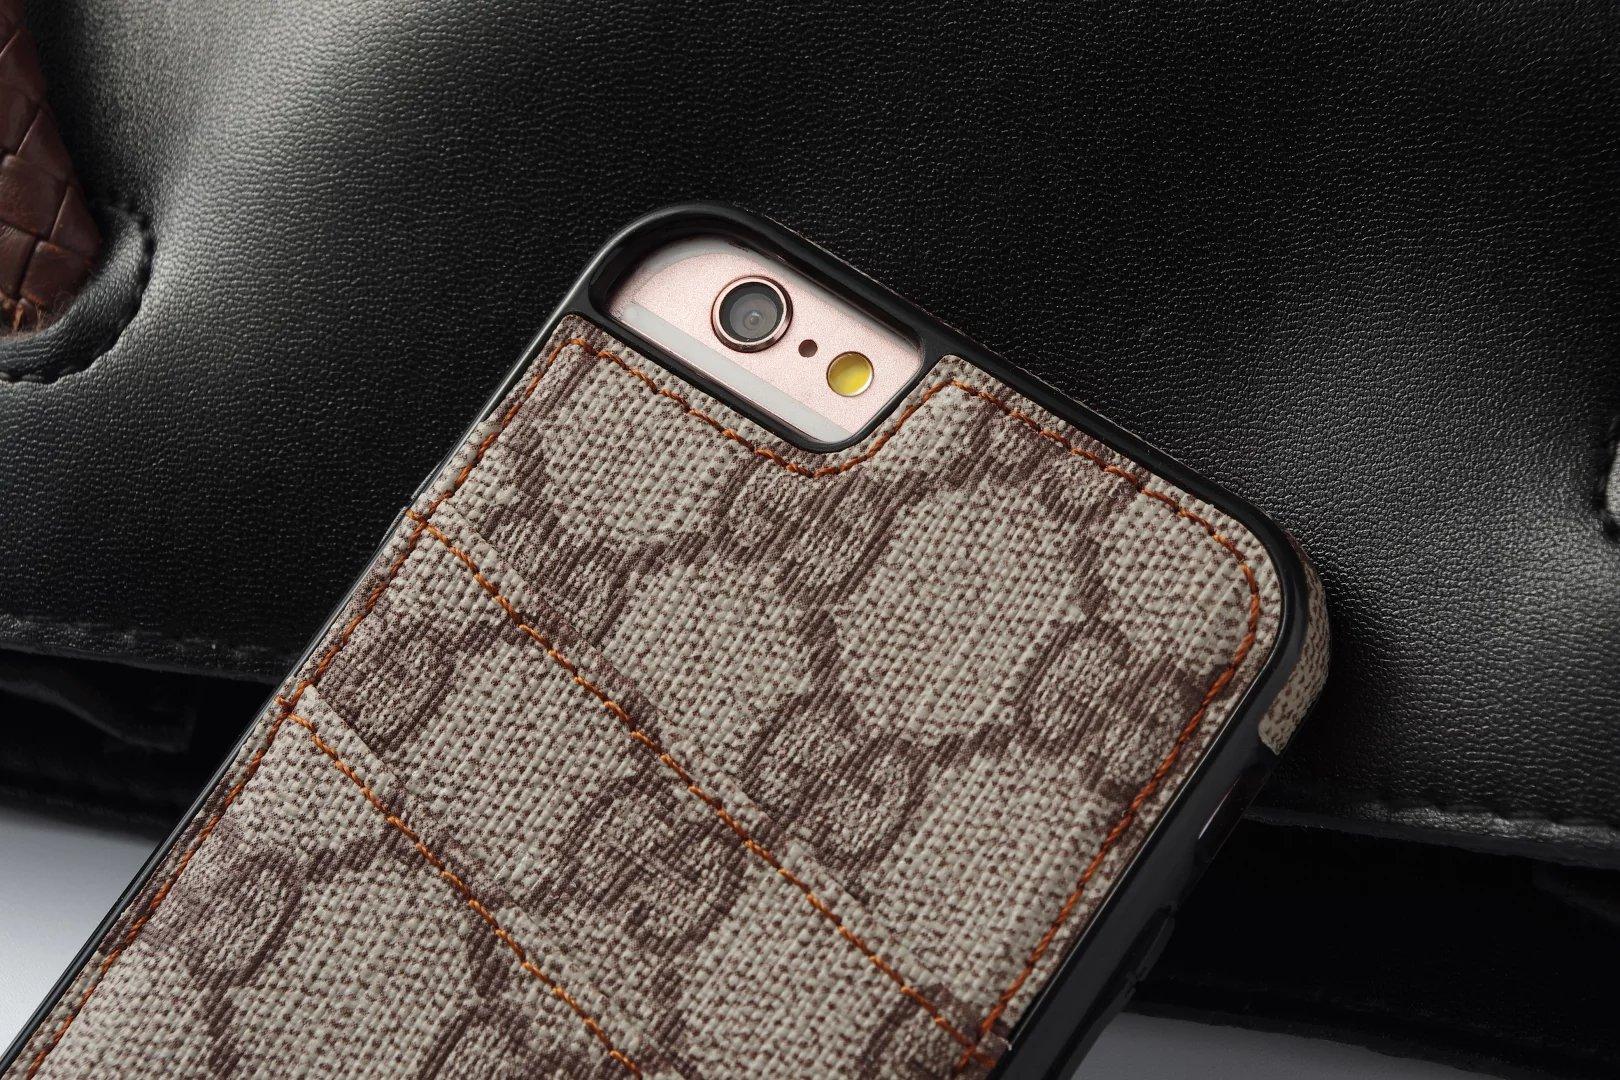 iphone hülle bedrucken iphone hülle bedrucken lassen Louis Vuitton iphone6s plus hülle was ist das neueste iphone iphone 6s Plus metallhülle holzhüllen iphone s6s hülle 6slbst gestalten hardca6s elbst gestalten billige handyhüllen